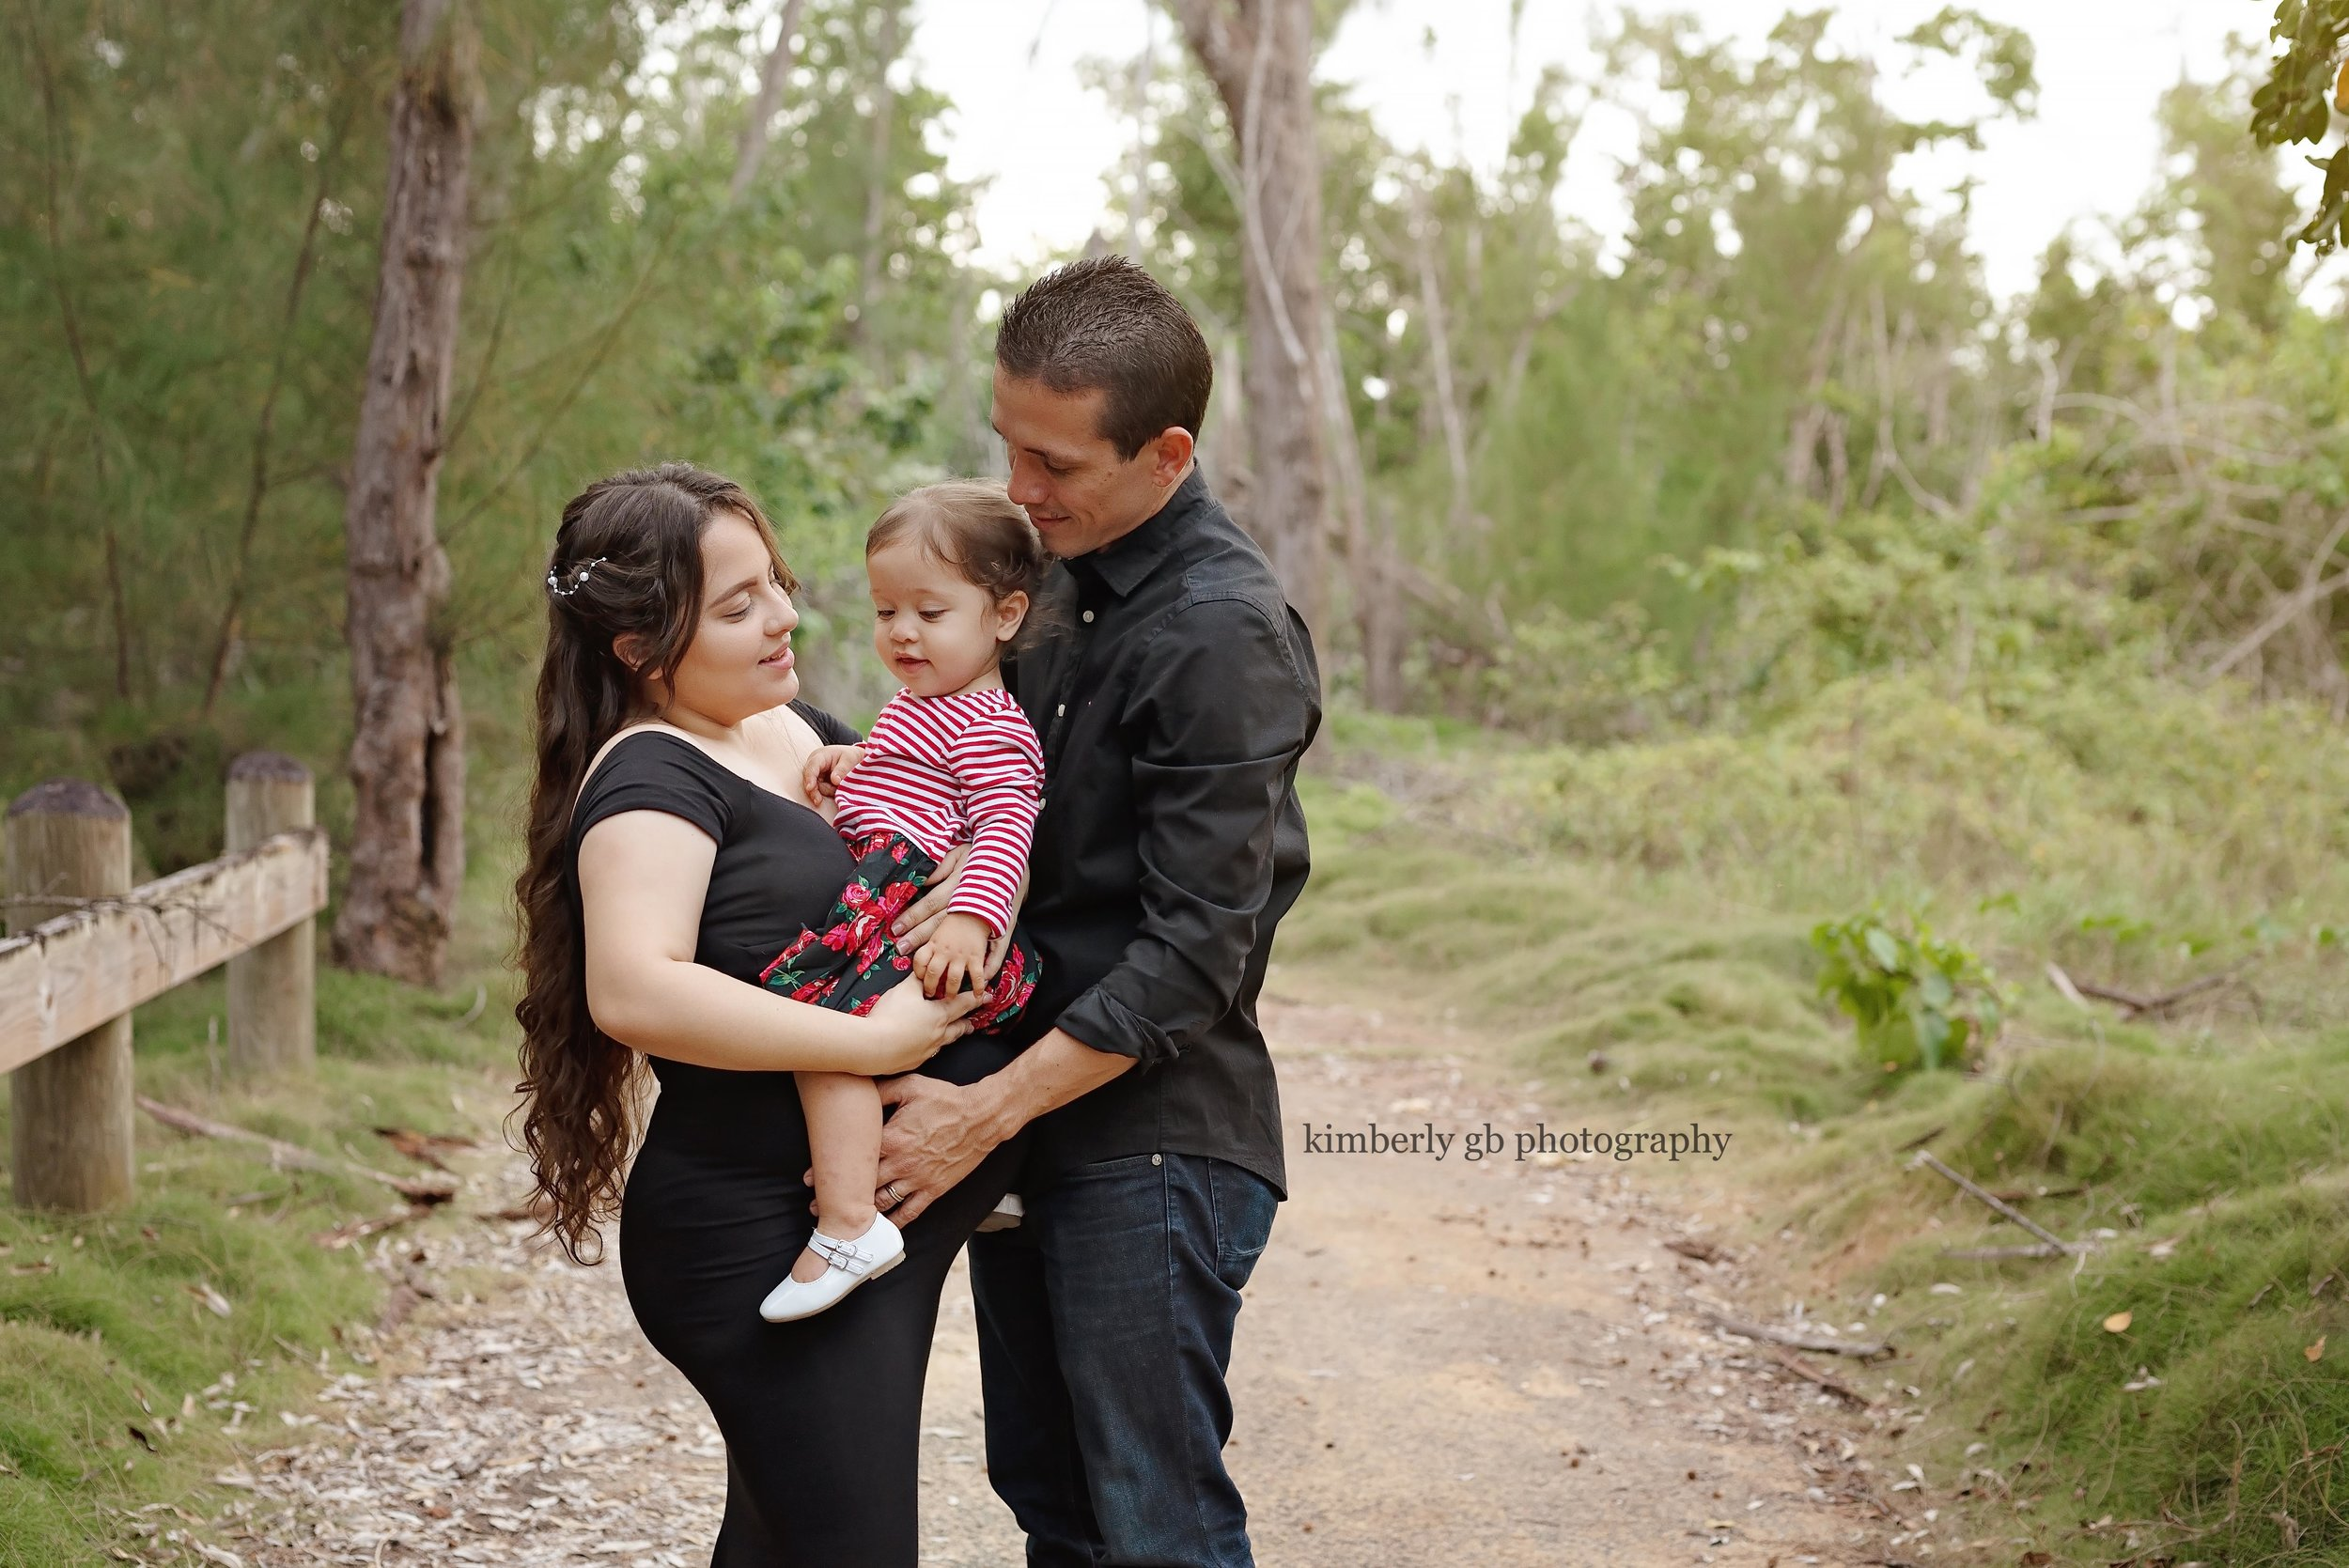 fotografia-fotografa-de-maternidad-embarazo-embarazada-en-puerto-rico-fotografia-165.jpg